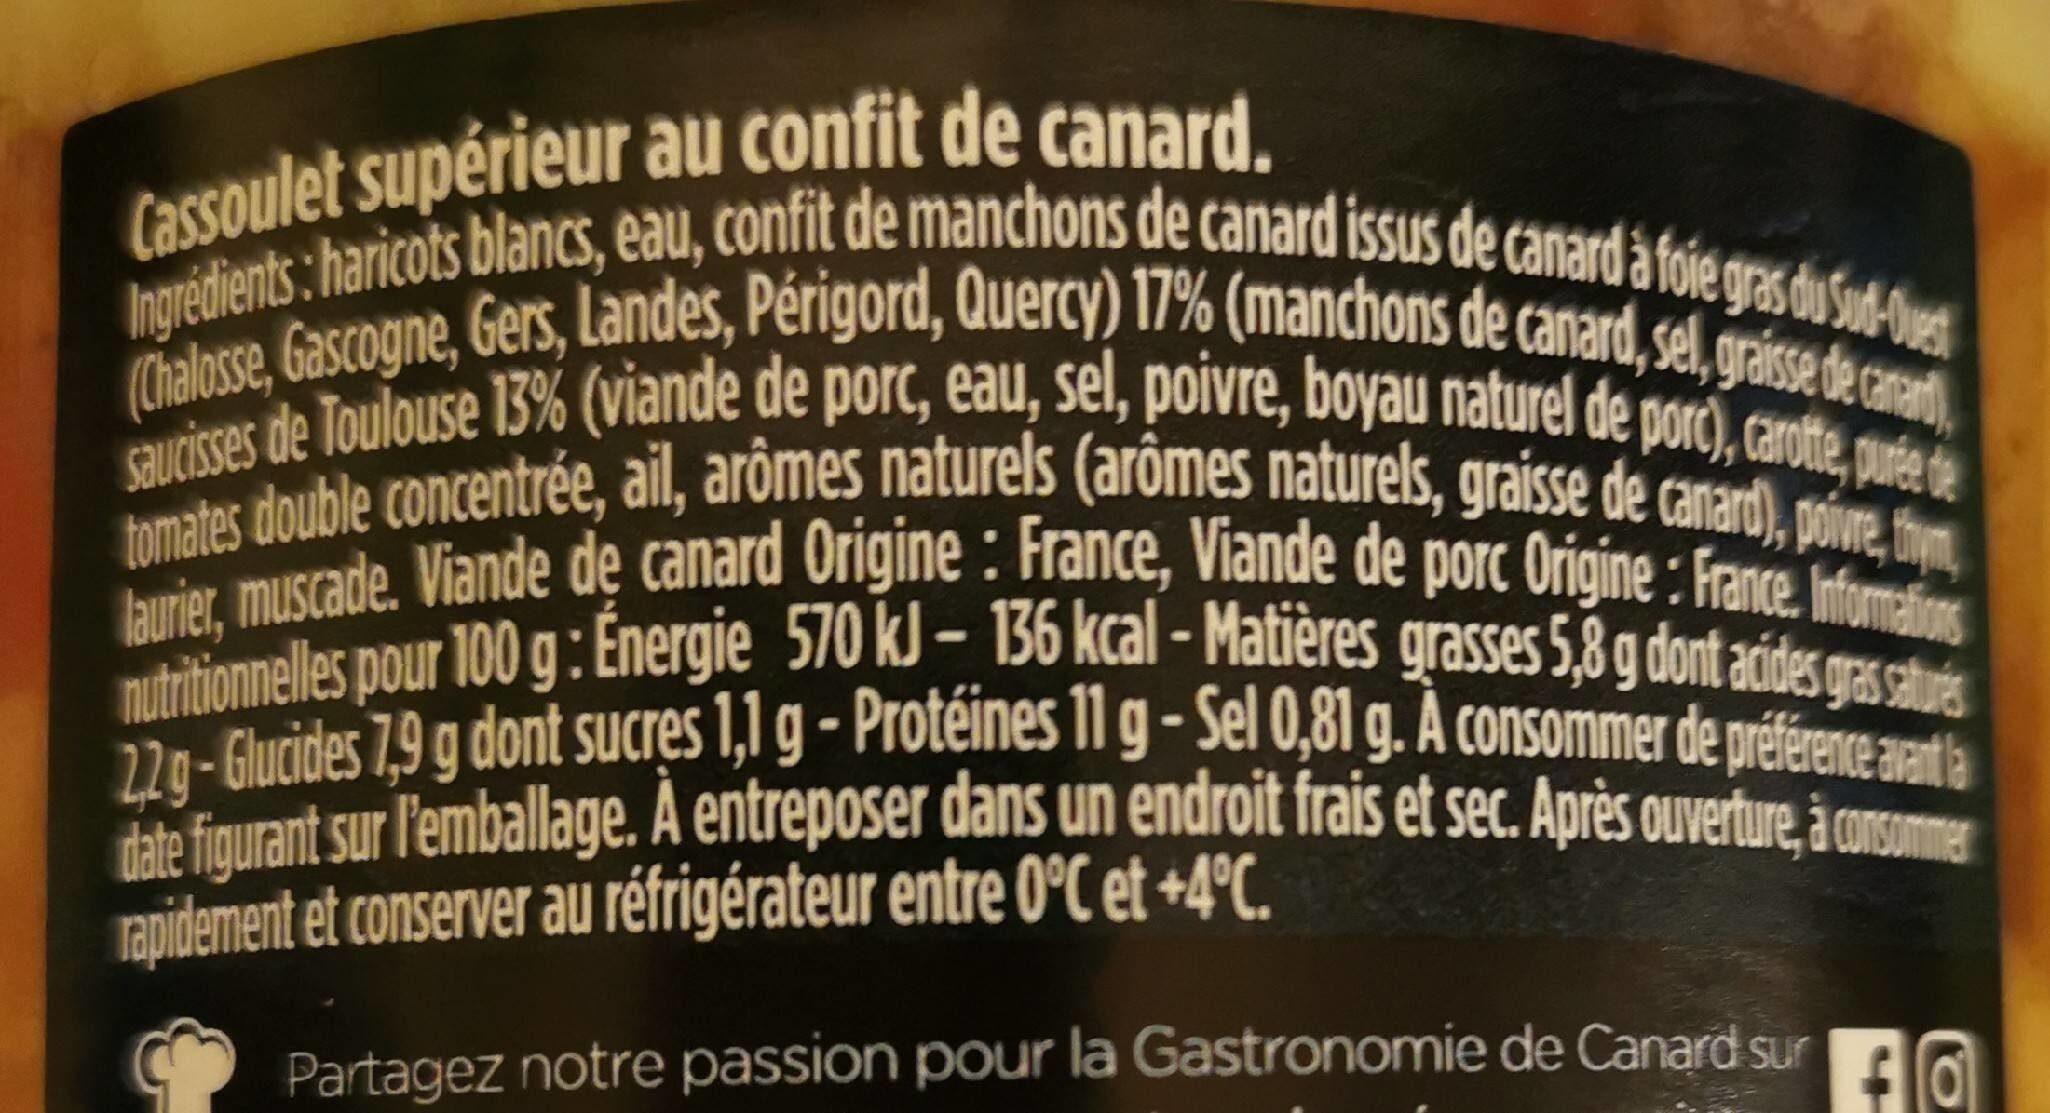 Cassoulet supérieur au confit de canard - Informations nutritionnelles - fr